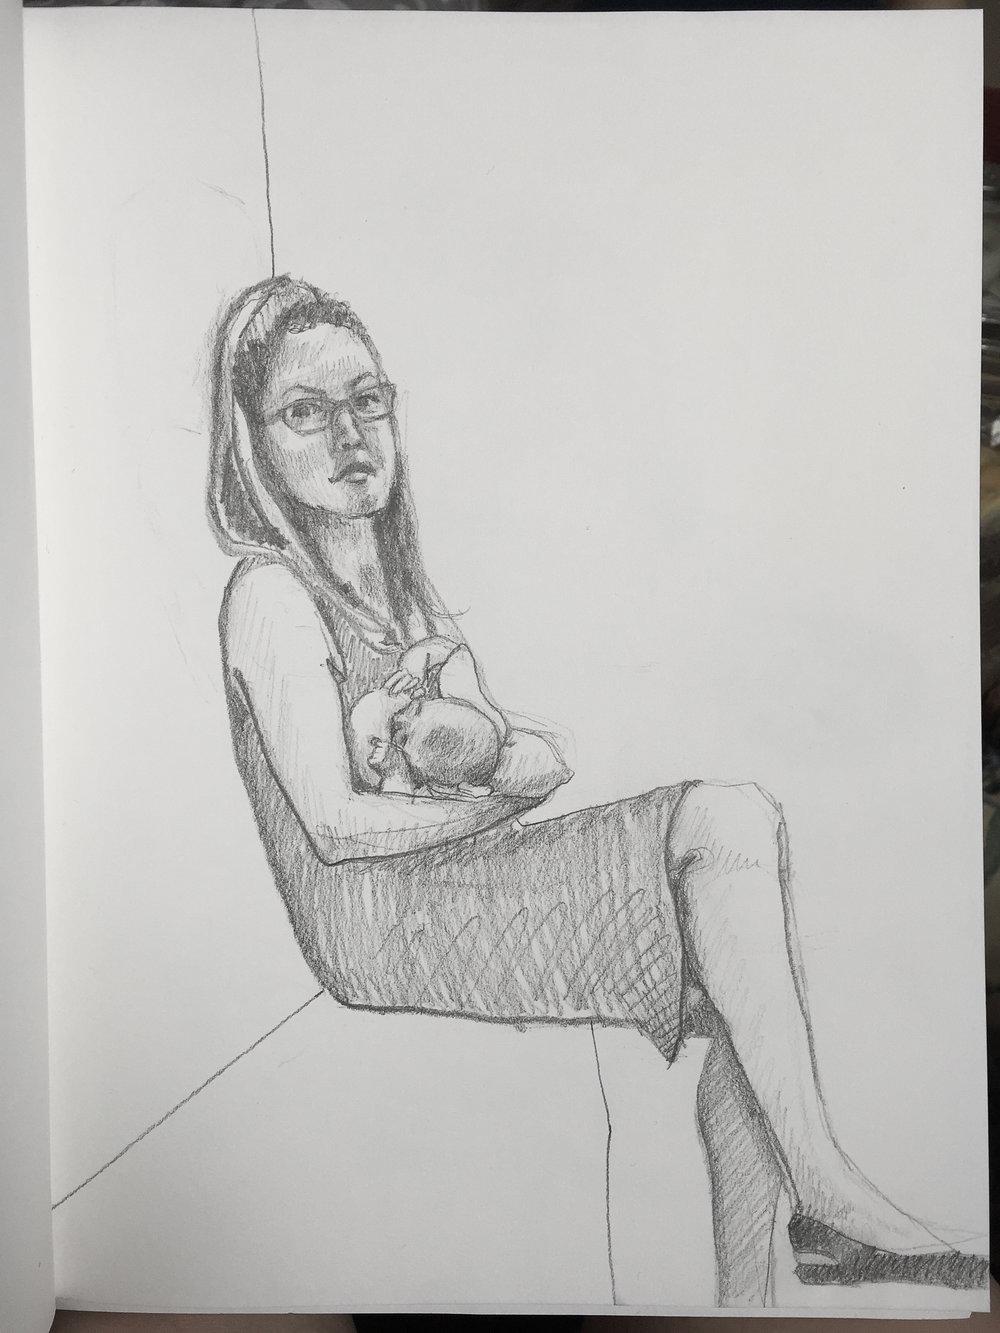 201708014_Sketchbook_Summer 2017_72-2.jpg